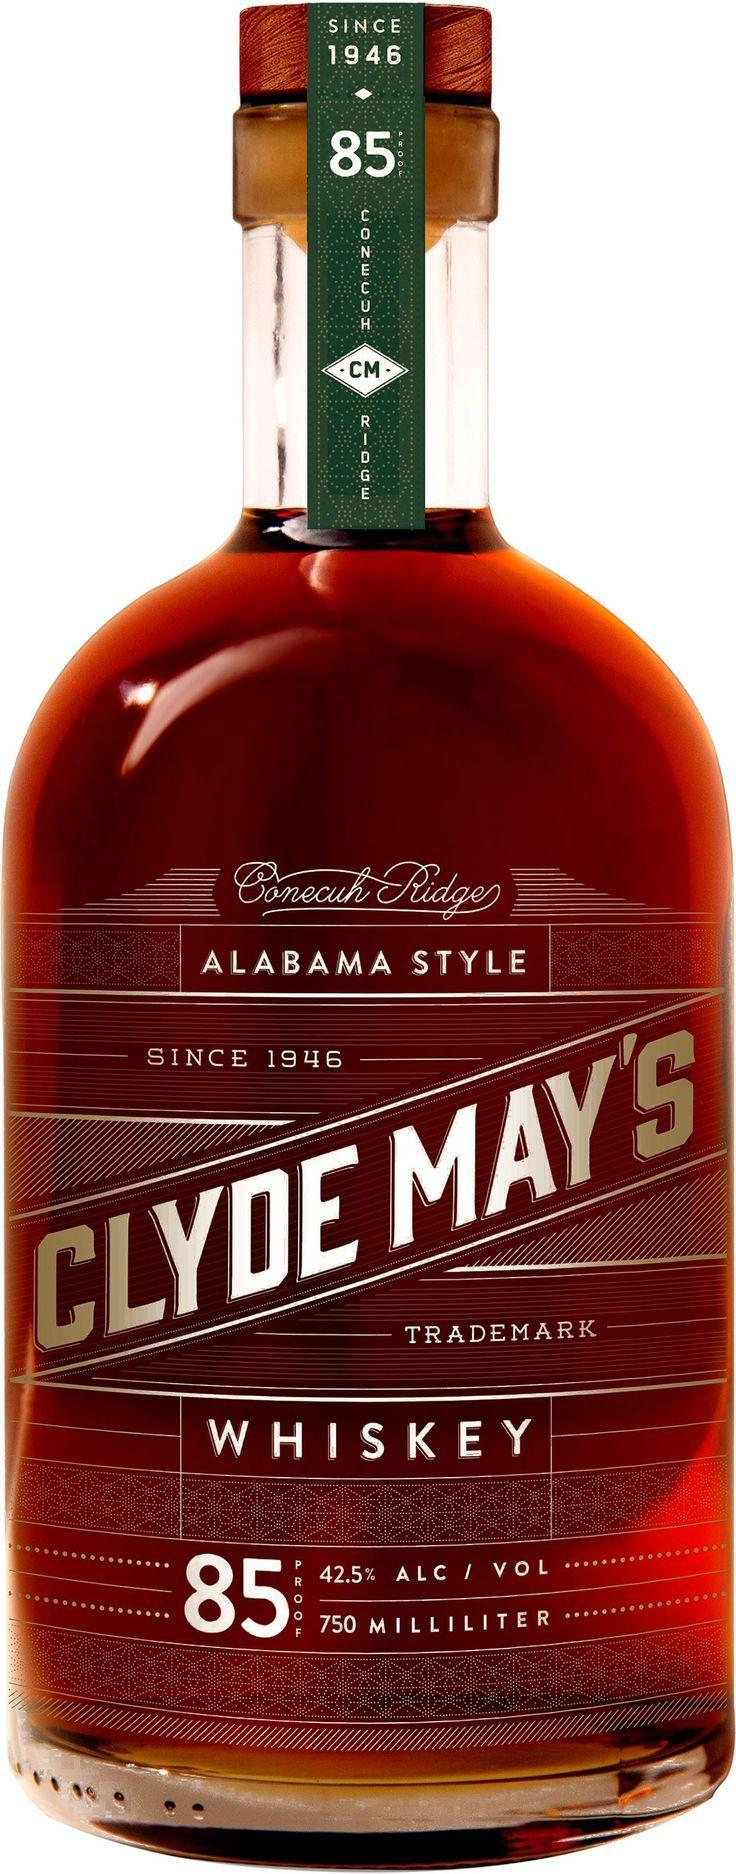 Clyde May S Alabama Style Whiskey Botellas De Licor Bebidas Alcoholicas Licor